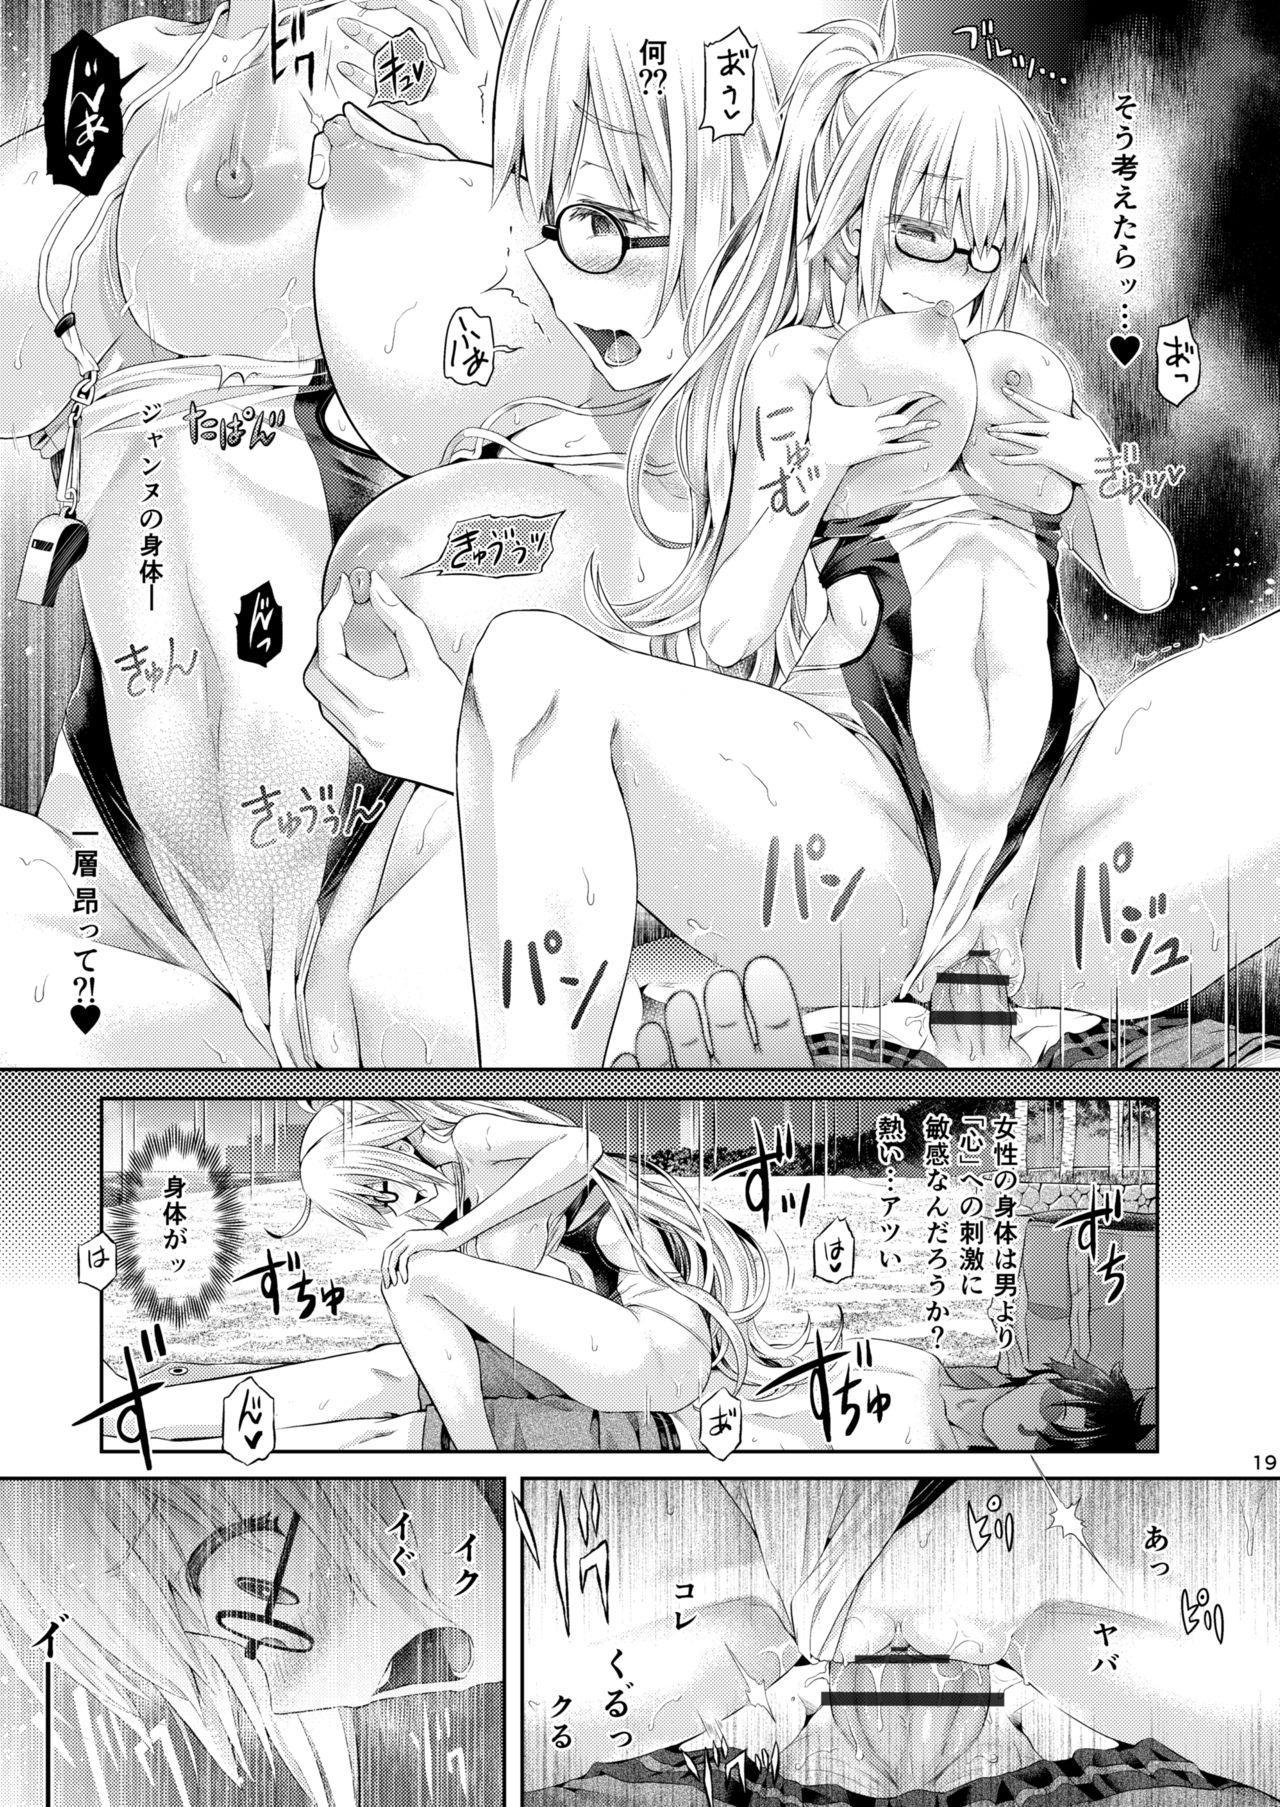 [Taniguchi-san] Kimi -Jeanne- ni Naru 2.0 (Fate/Grand Order) 19